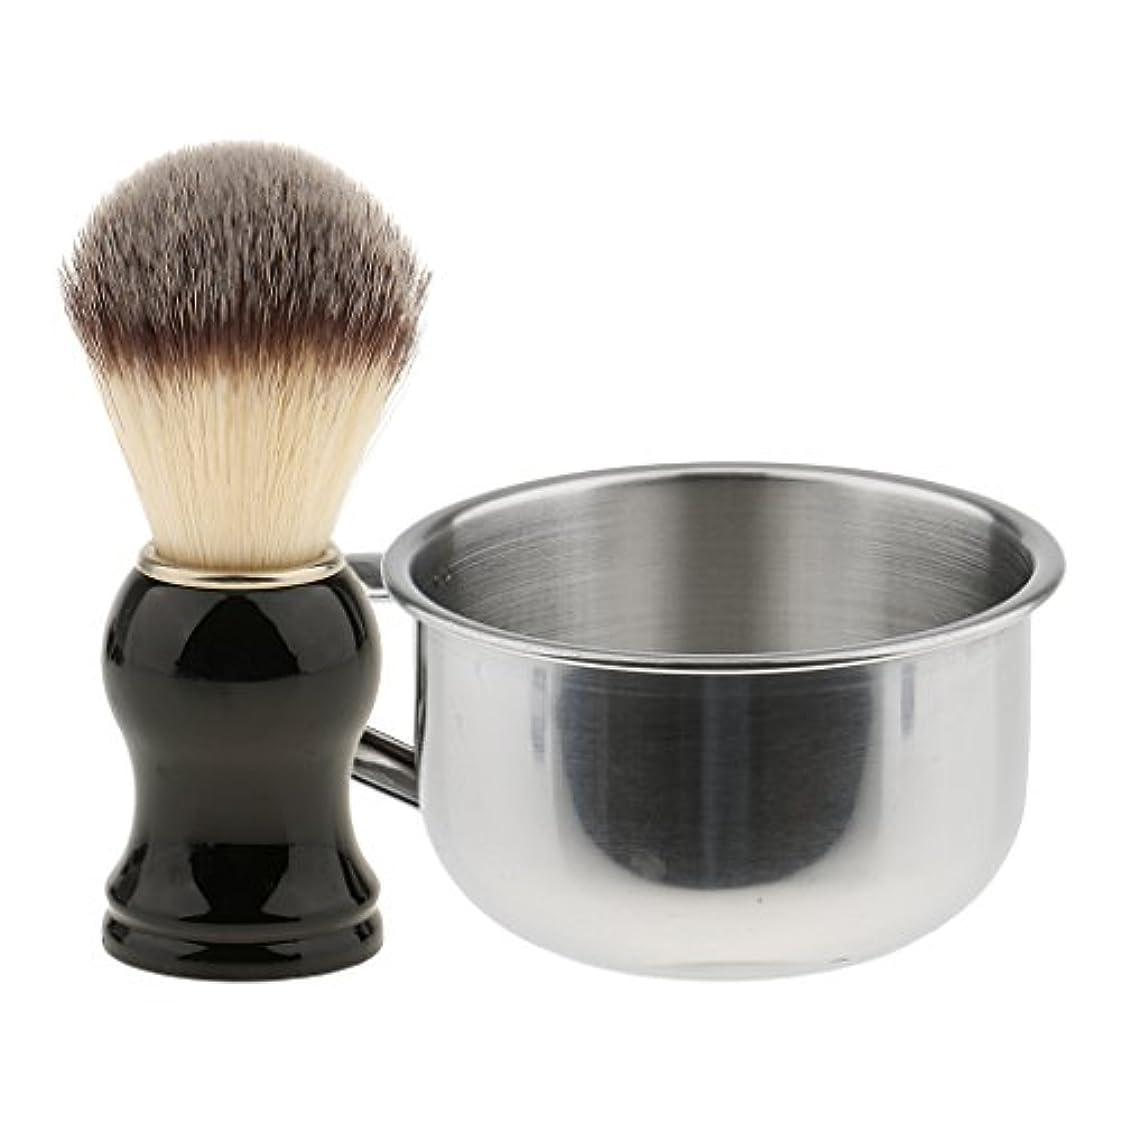 排泄するのれん慣習Baosity シェービングブラシ マグ シェイプセット メンズ 男性 シェービング ひげ剃り 2点セット